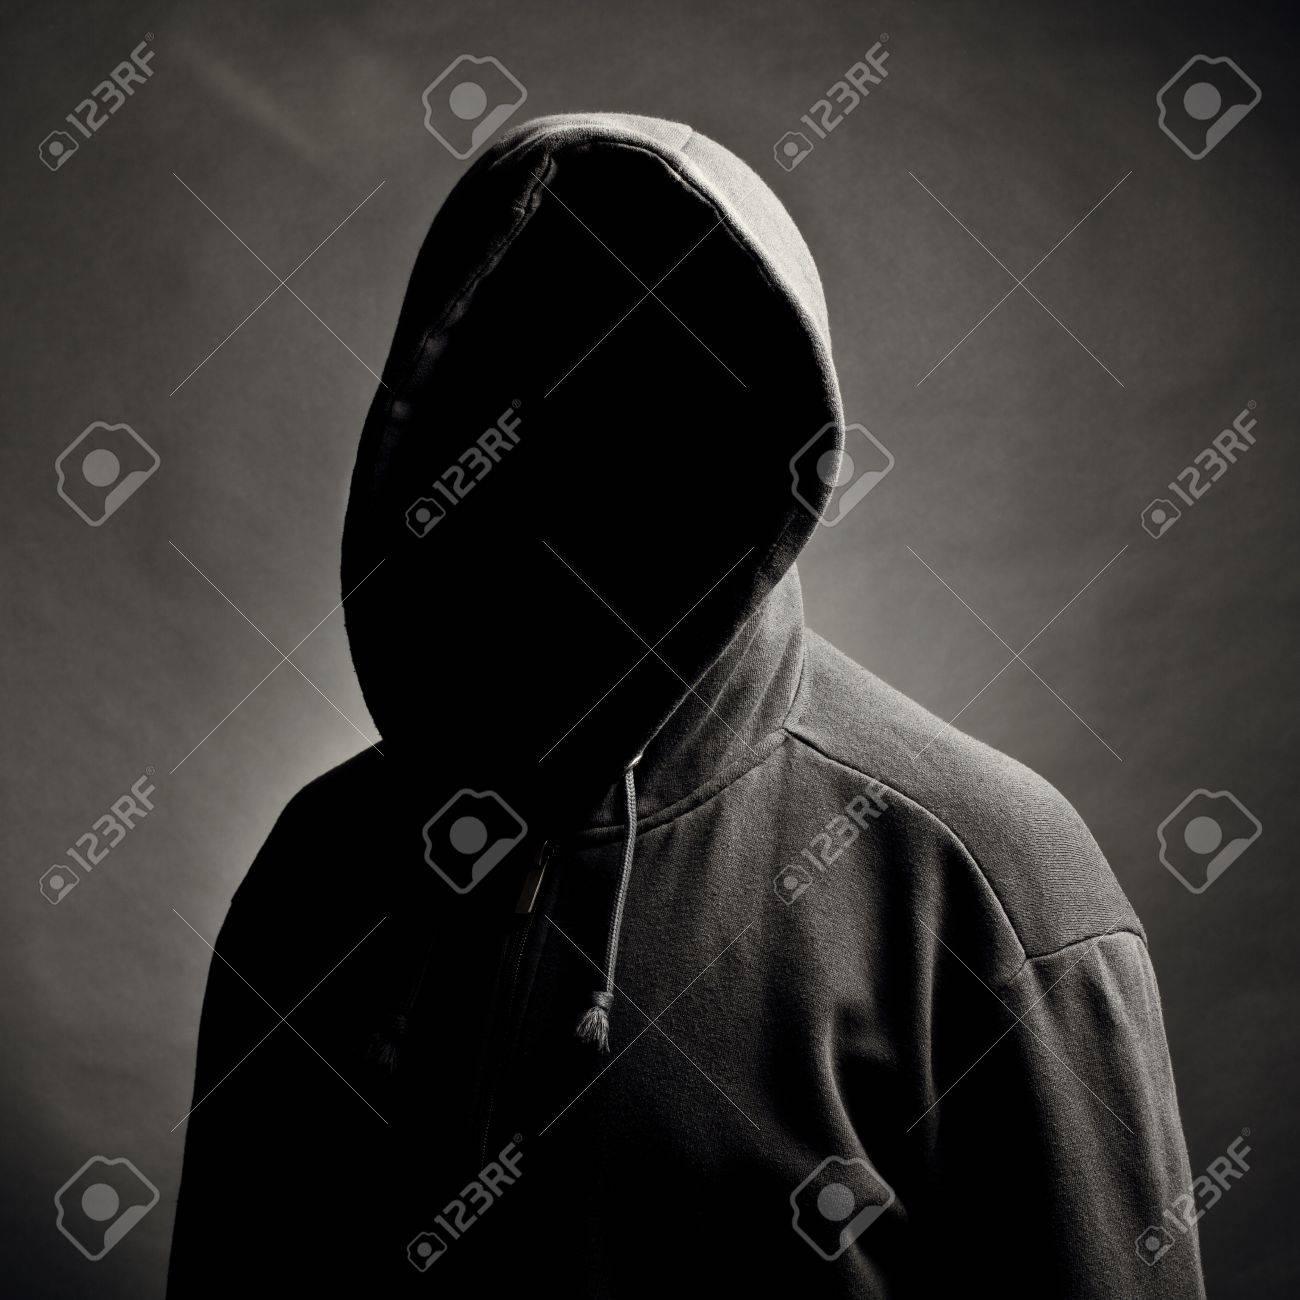 Фото парней со скрывающим лицом 2 фотография